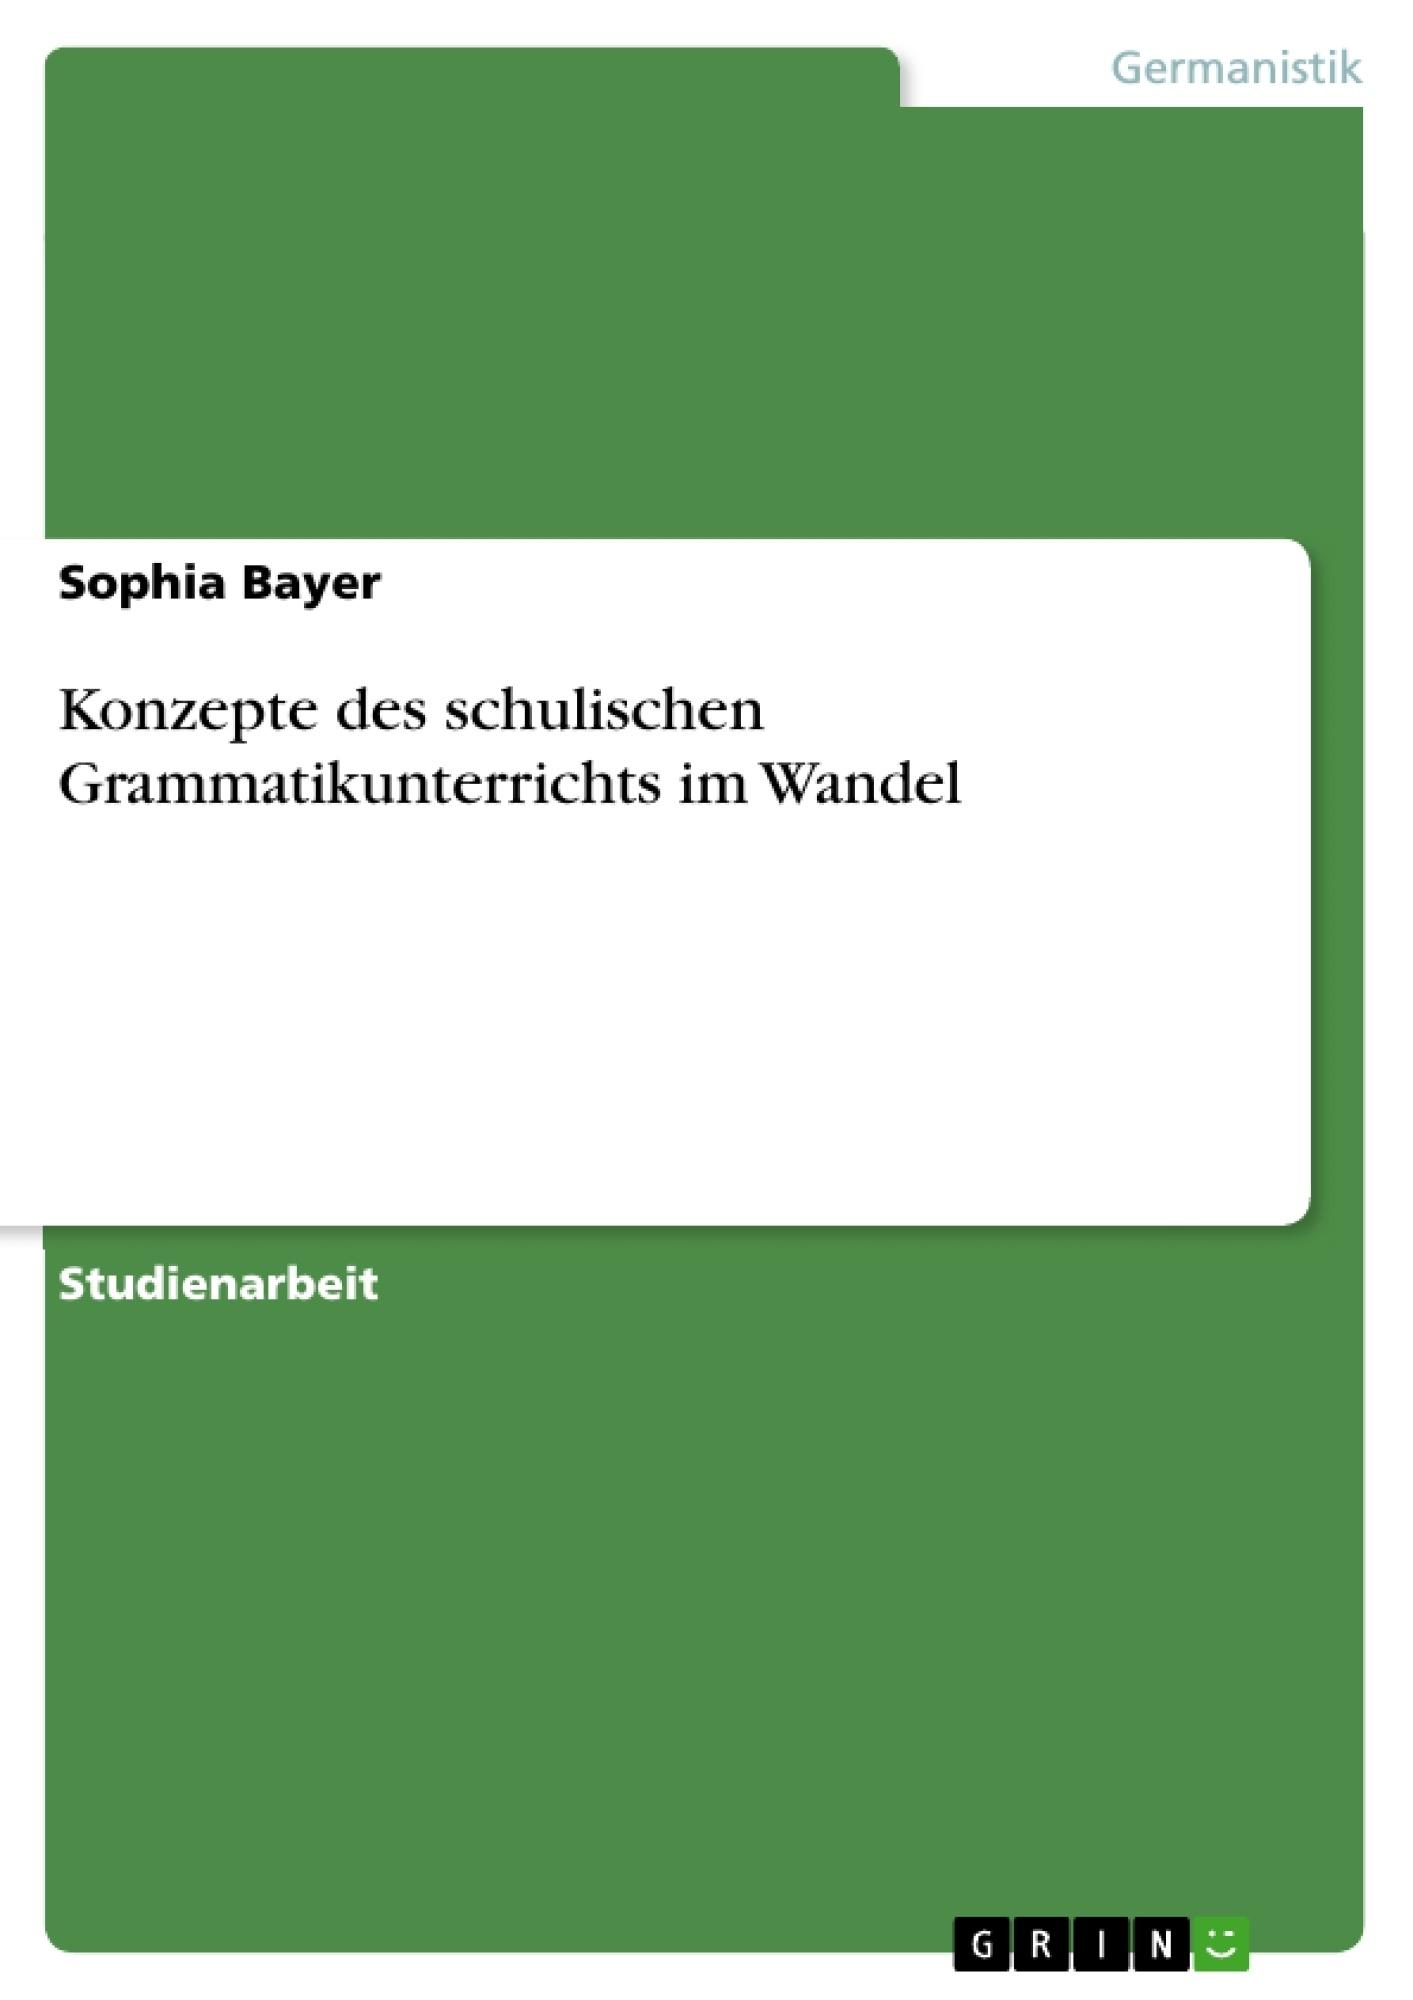 Titel: Konzepte des schulischen Grammatikunterrichts im Wandel